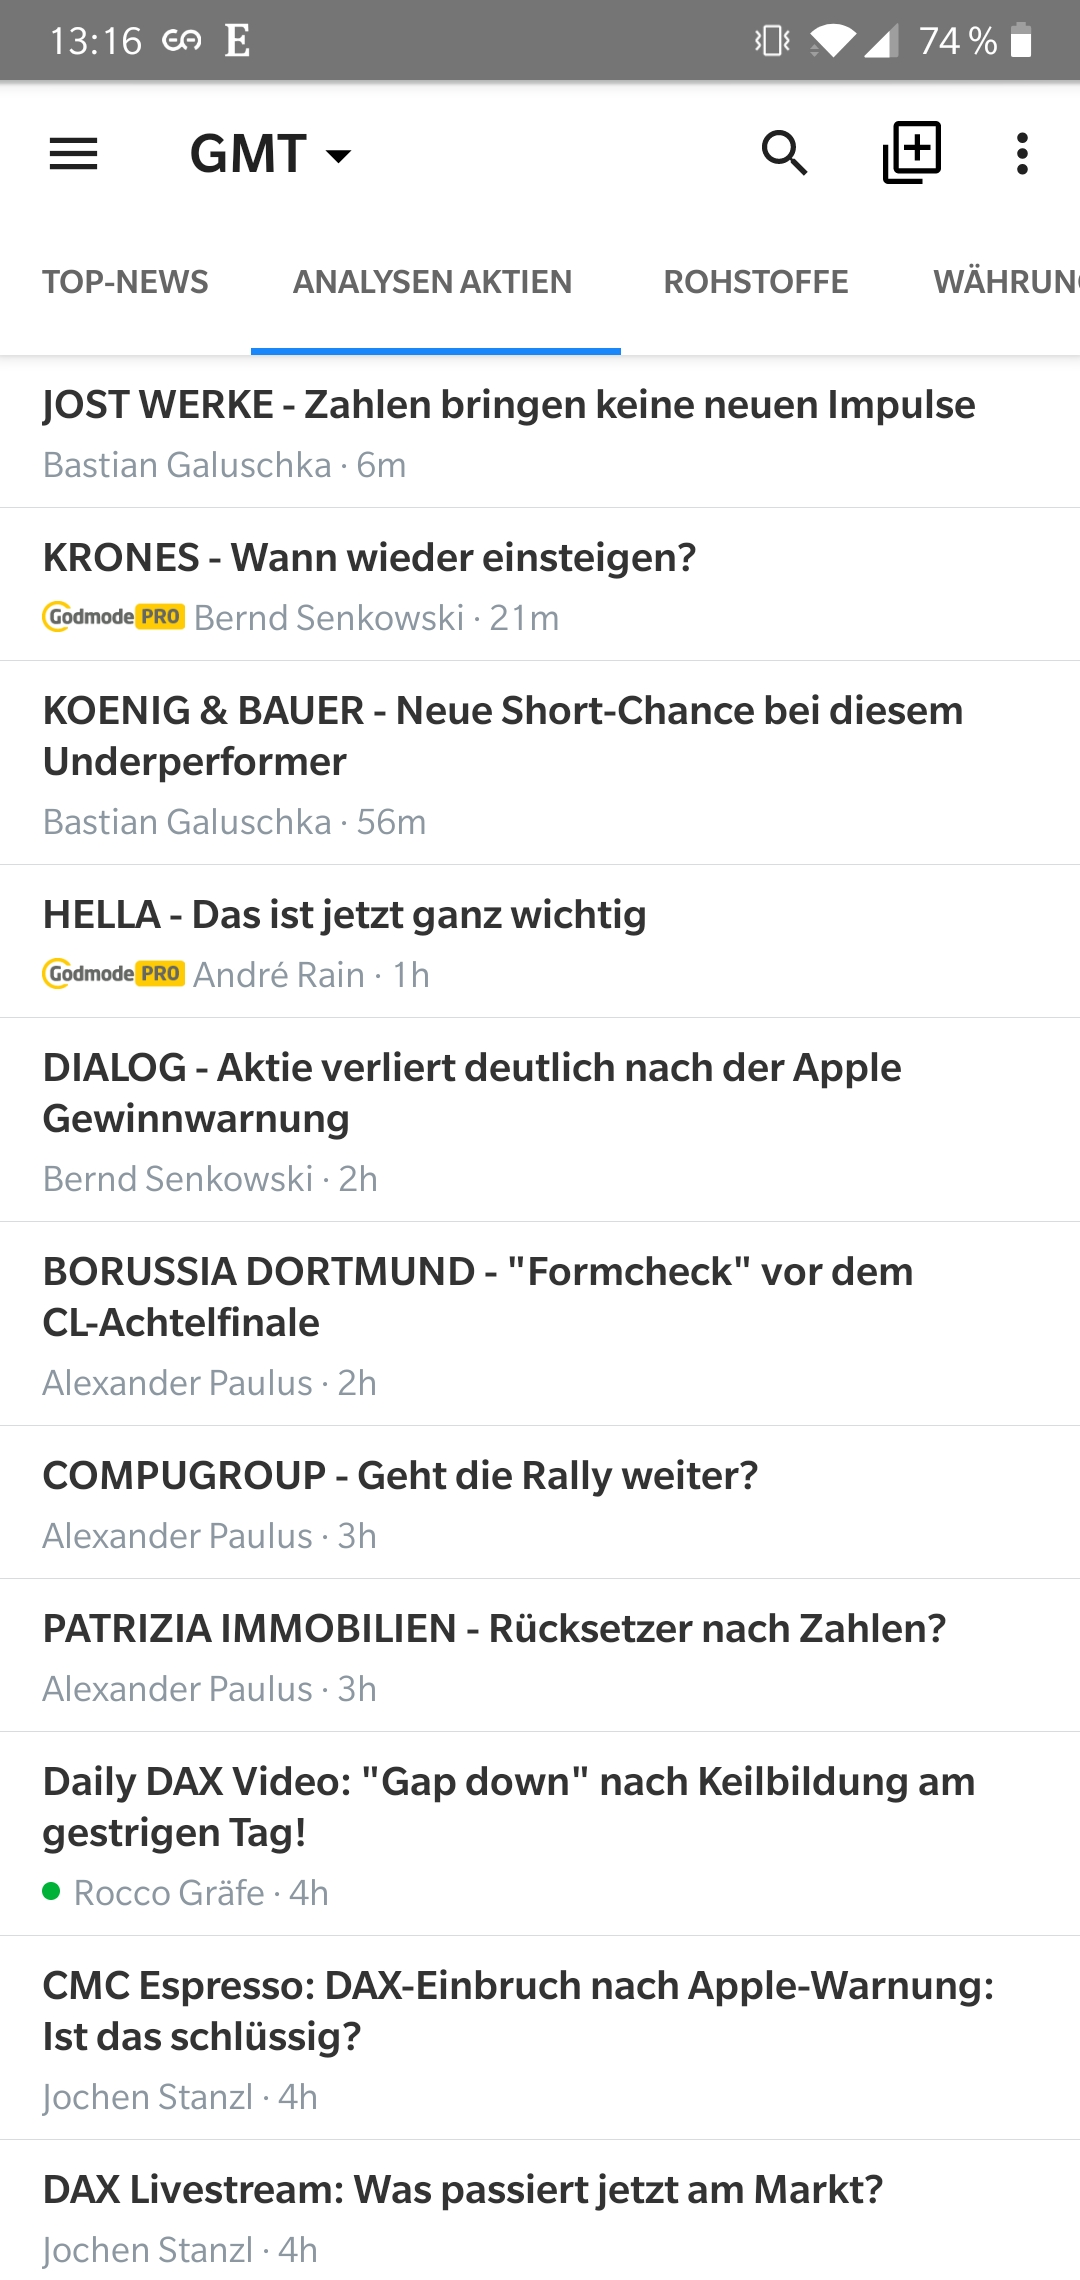 Guidants-App-So-richtet-man-sich-ein-Godmode-Dashboard-ein-Daniel-Kühn-GodmodeTrader.de-3